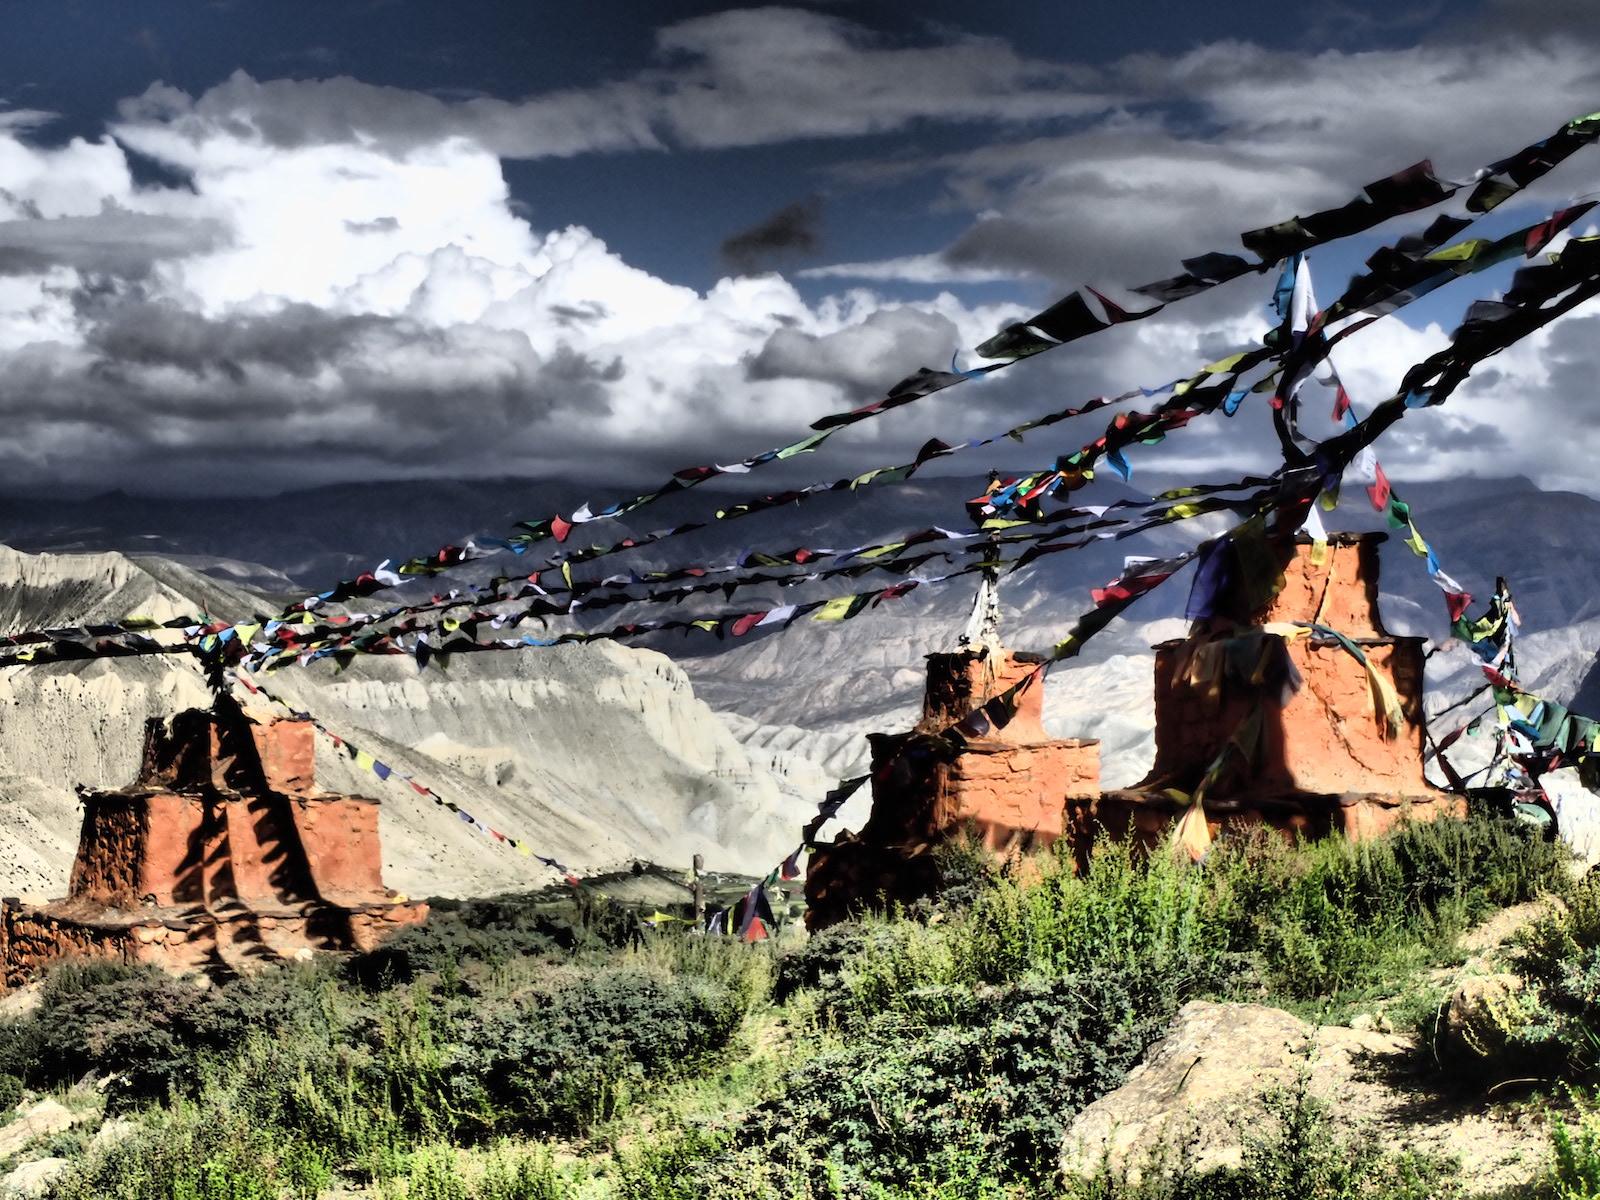 Stupy na trasie treku w Mustangu - fot. Jerzy Kostrzewa